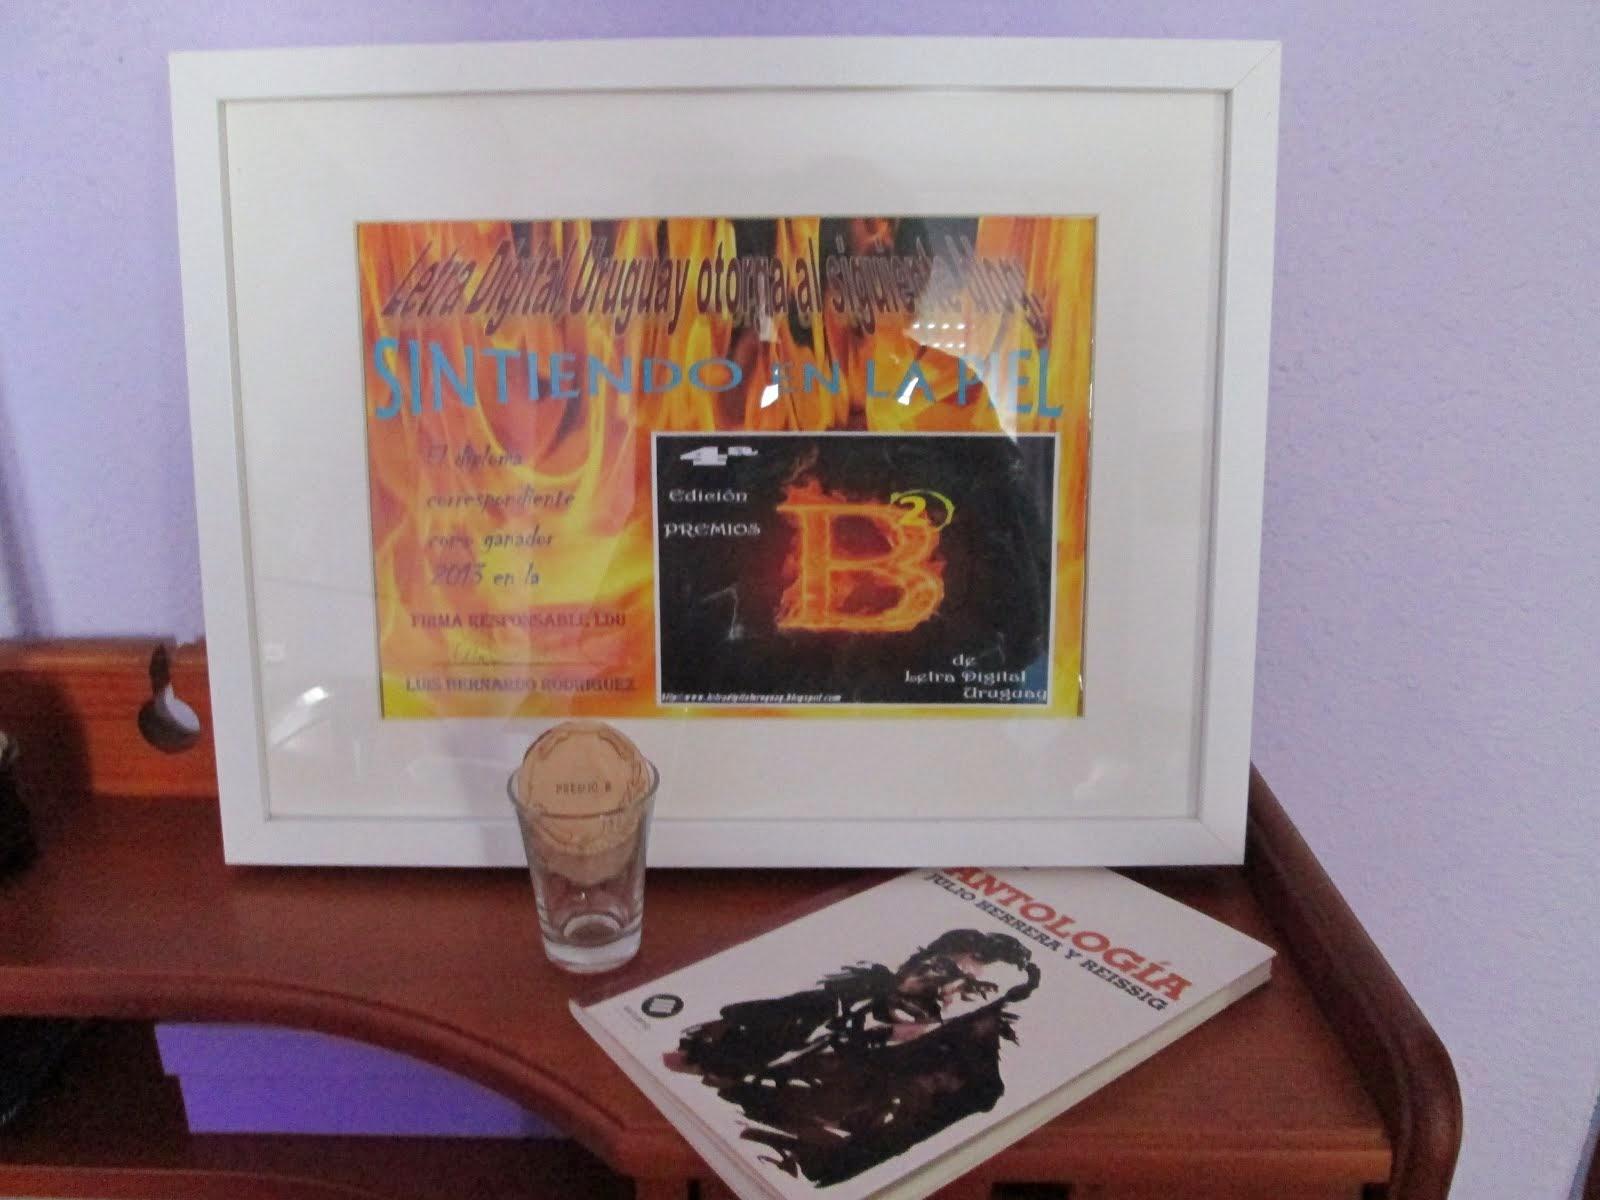 """Premio L D U categoría Blog poético 2014 otorgado a """" Sintiendo en la piel """""""